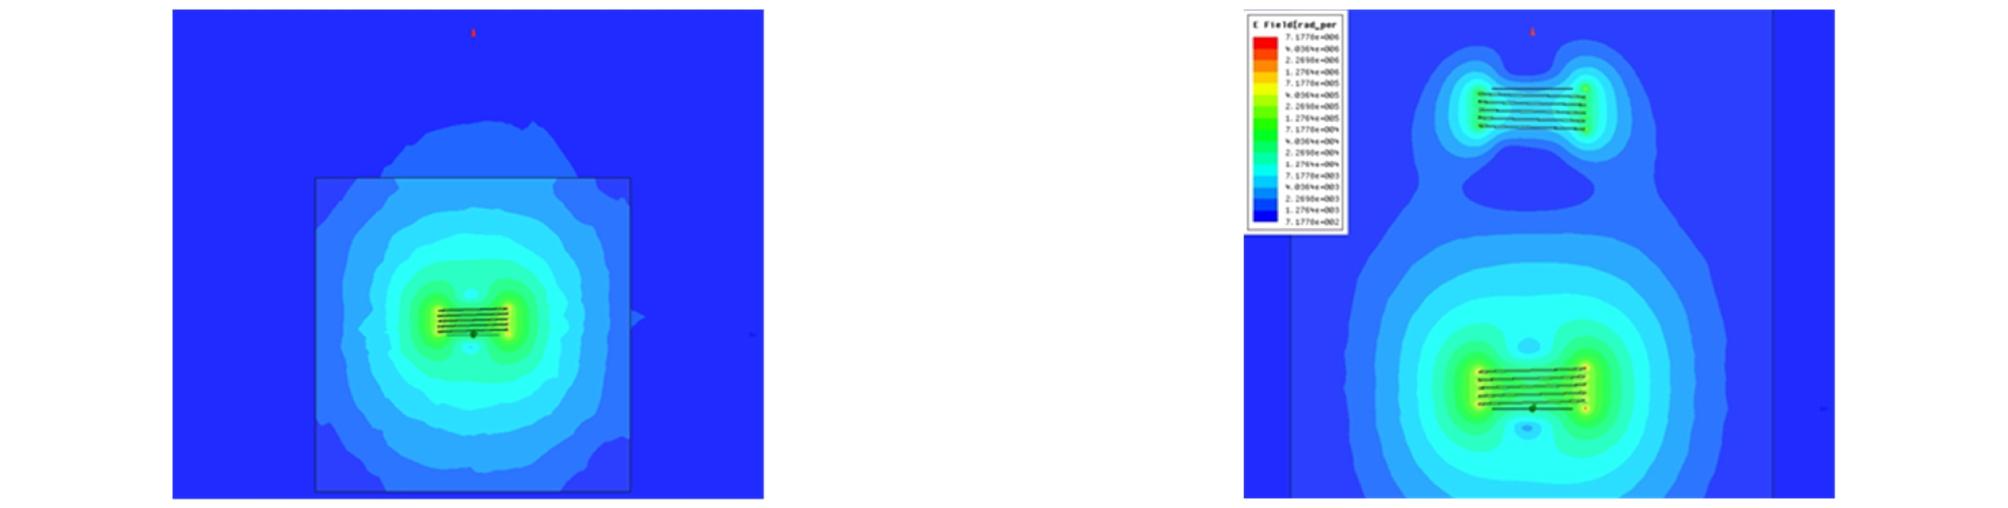 http://static.apub.kr/journalsite/sites/ksrm/2018-028-06/N0120280607/images/ksrm_28_06_07_F7.jpg